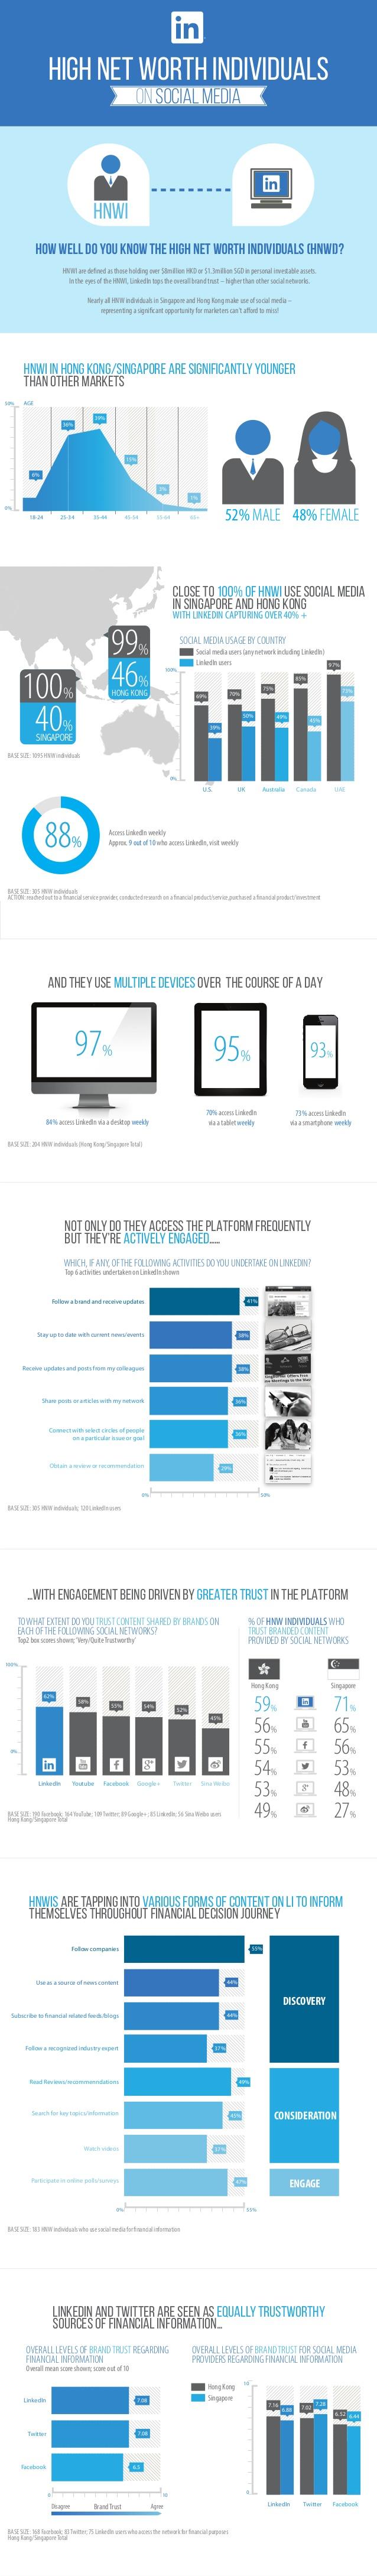 Grandes patrimonios en Redes Sociales (by Linkedin)